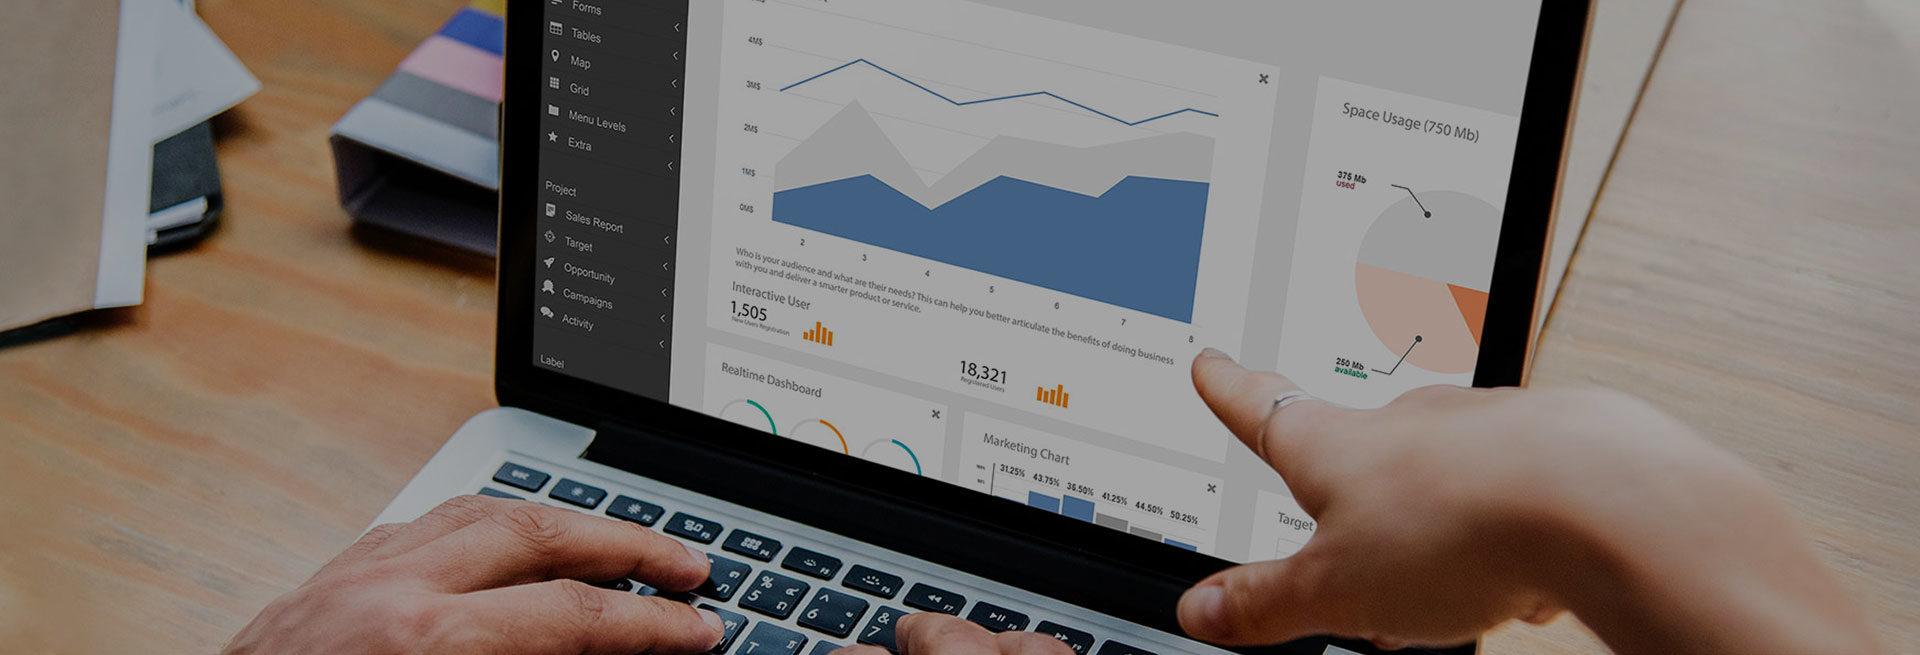 data visualization quick start header